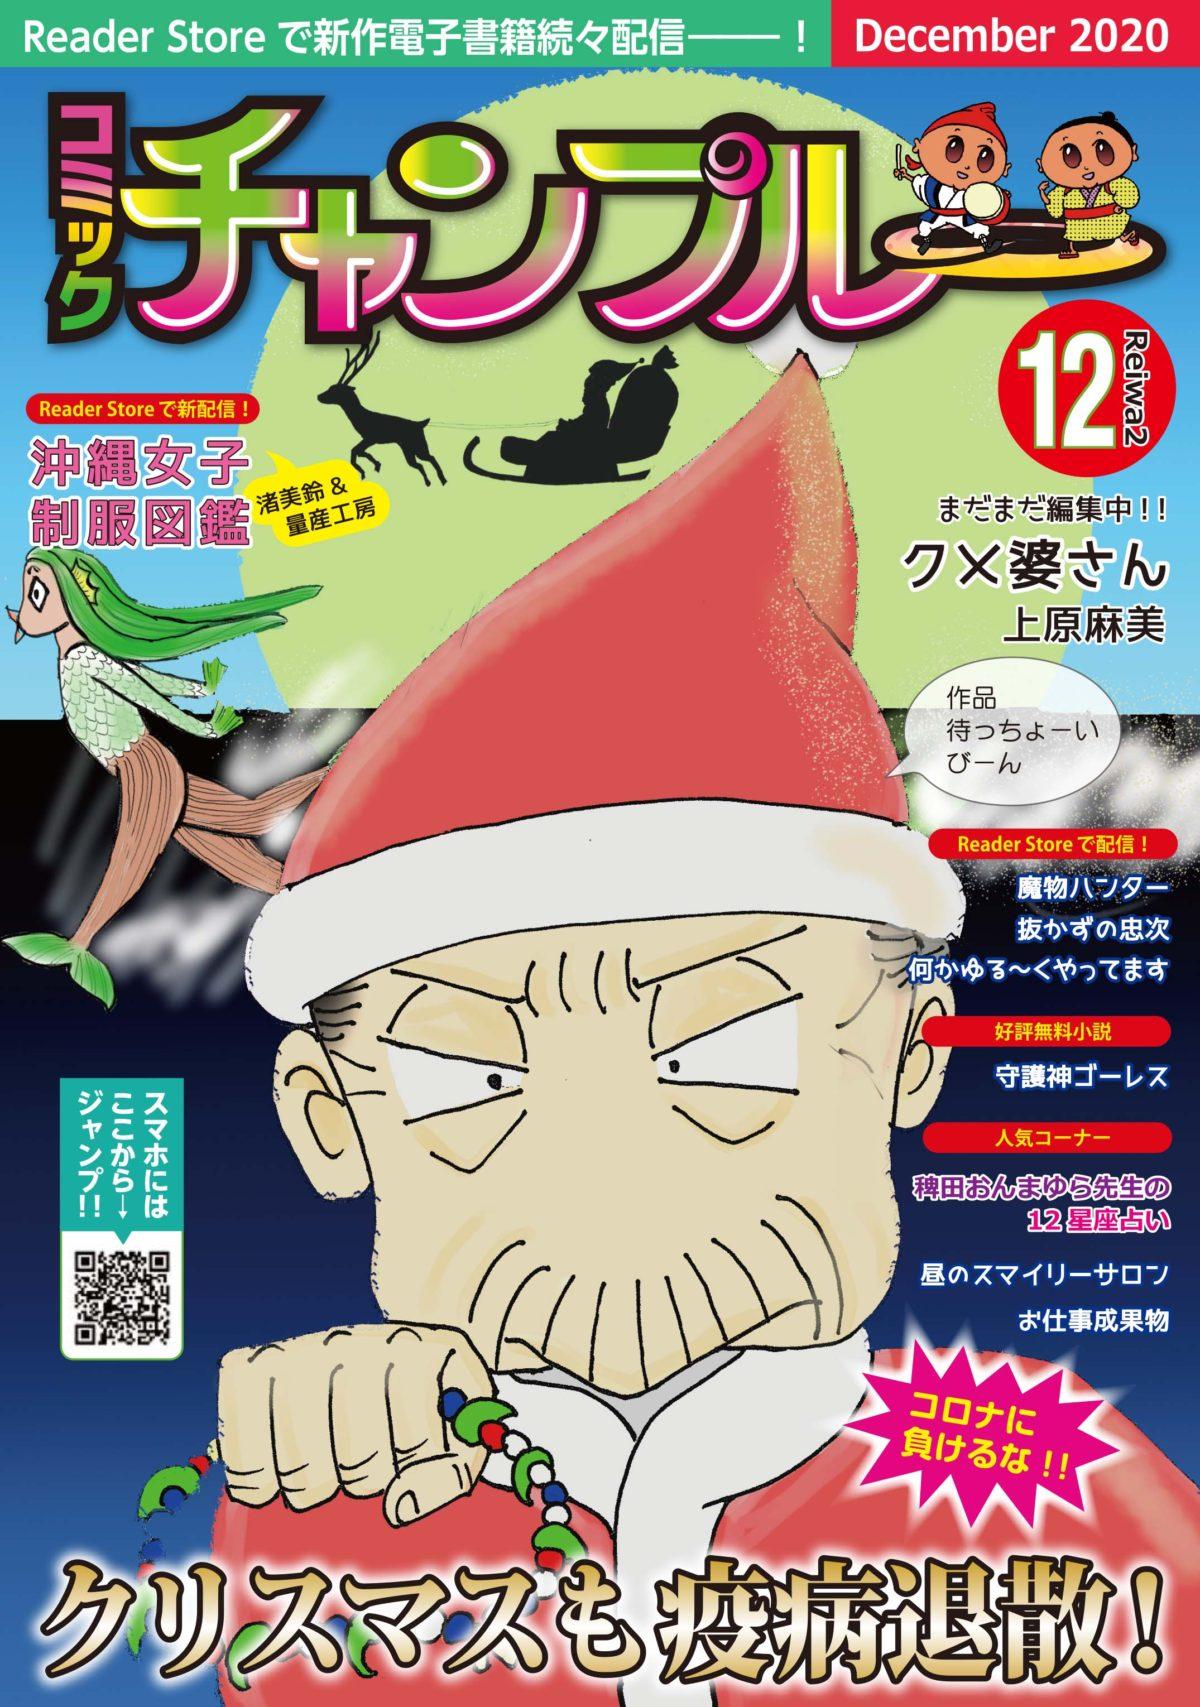 12月です! コミックチャンプルーサイト表紙更新しました!